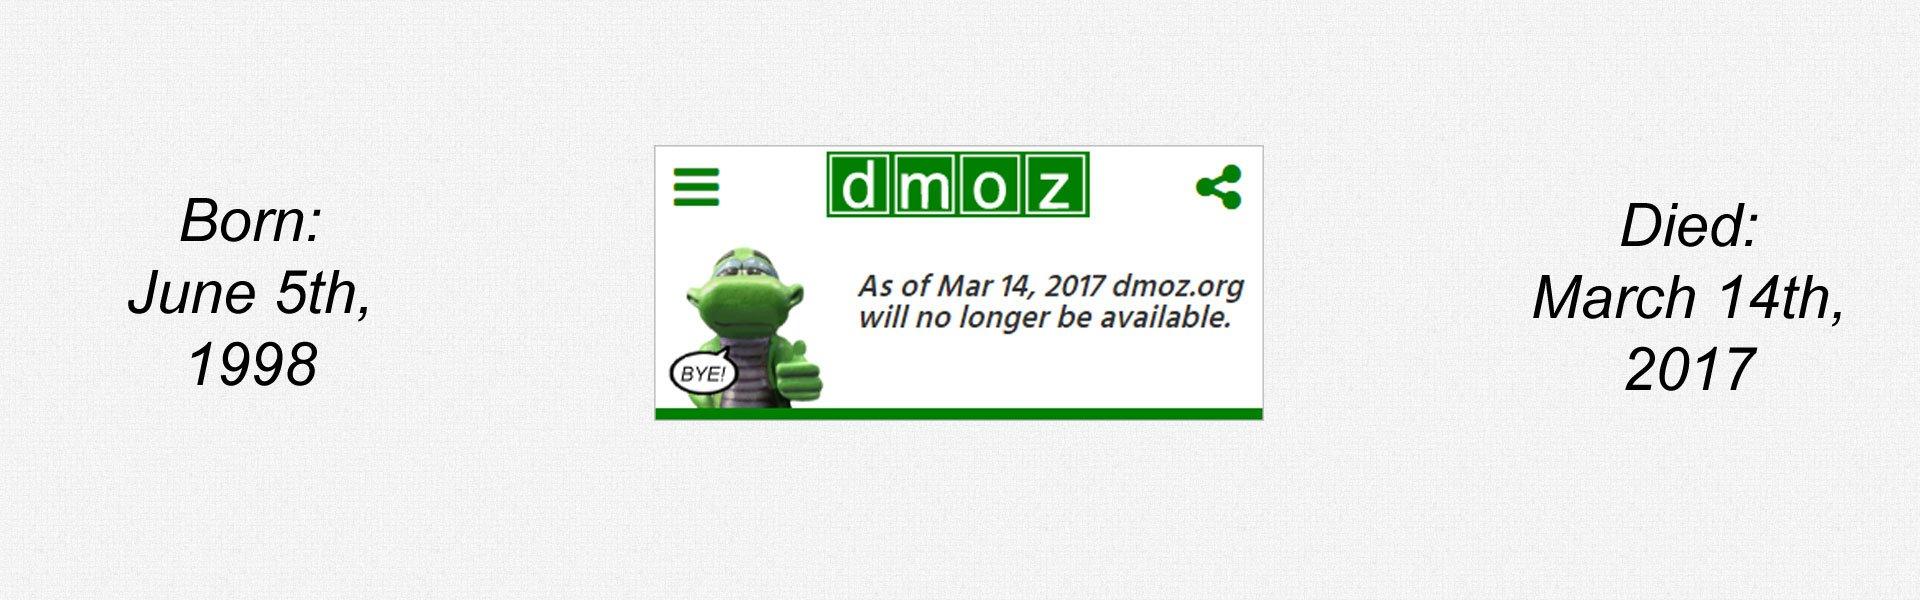 RIP DMOZ